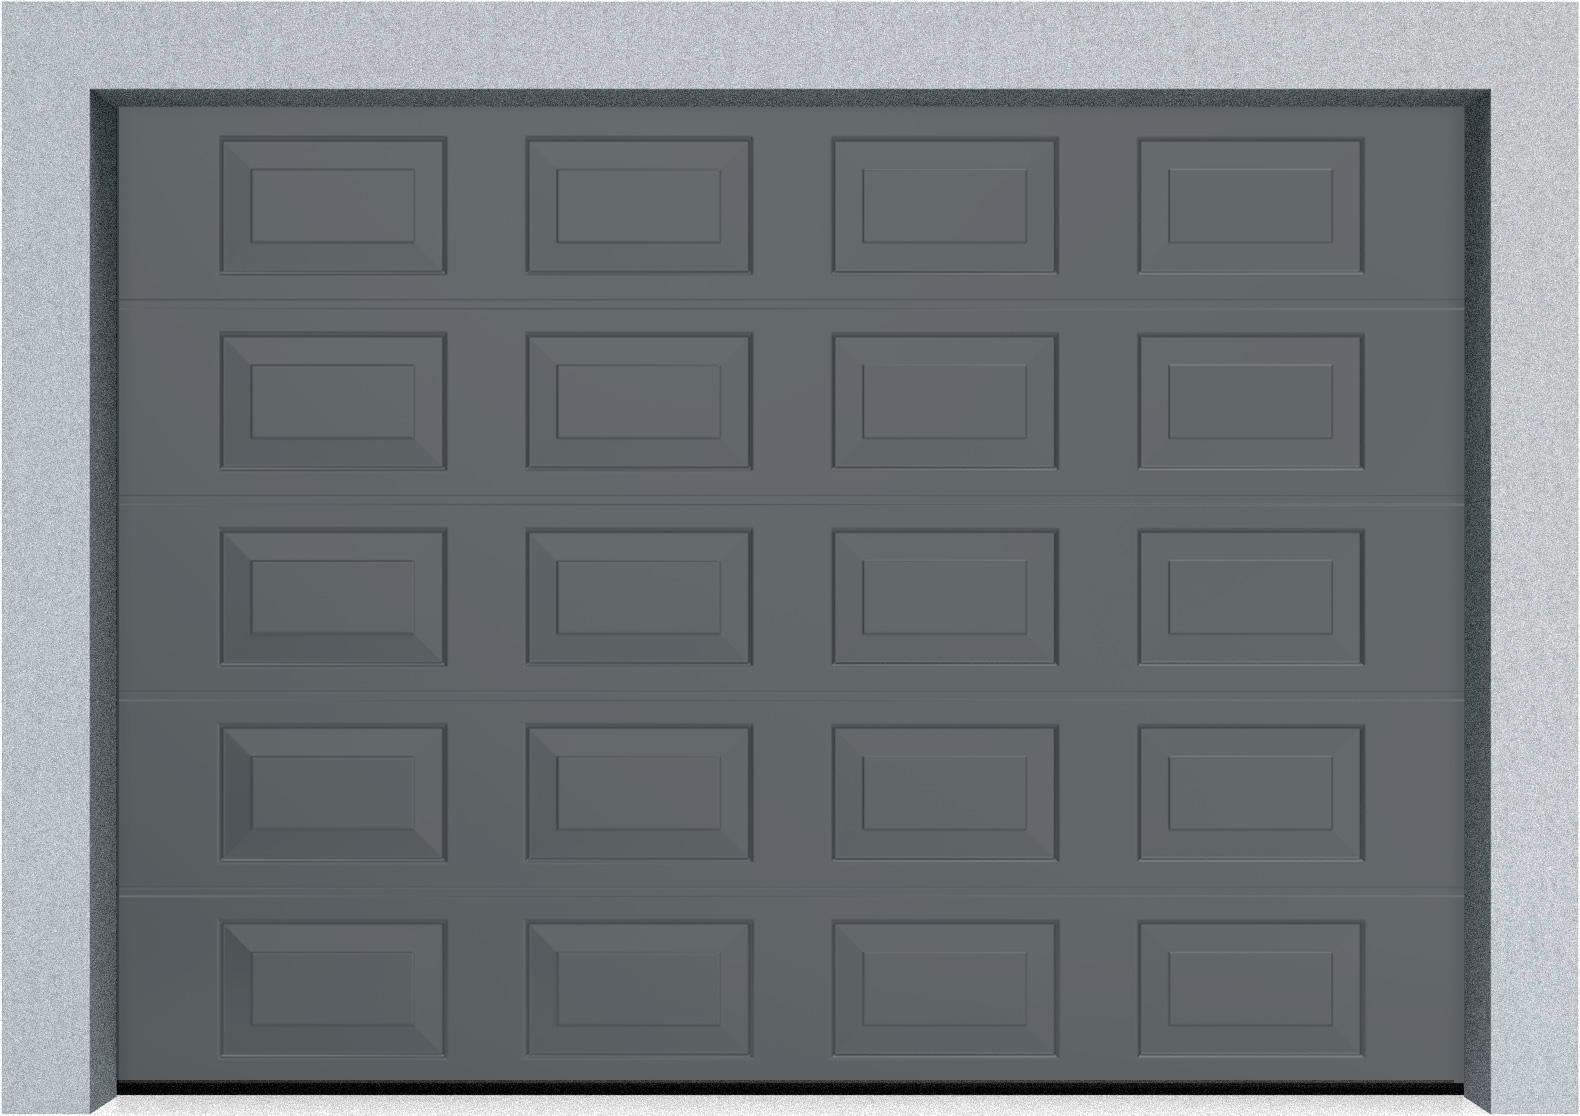 Секционные гаражные ворота DoorHan RSD01 3500x2000 Филенка стандартные цвета, пружины растяжения, фото 9